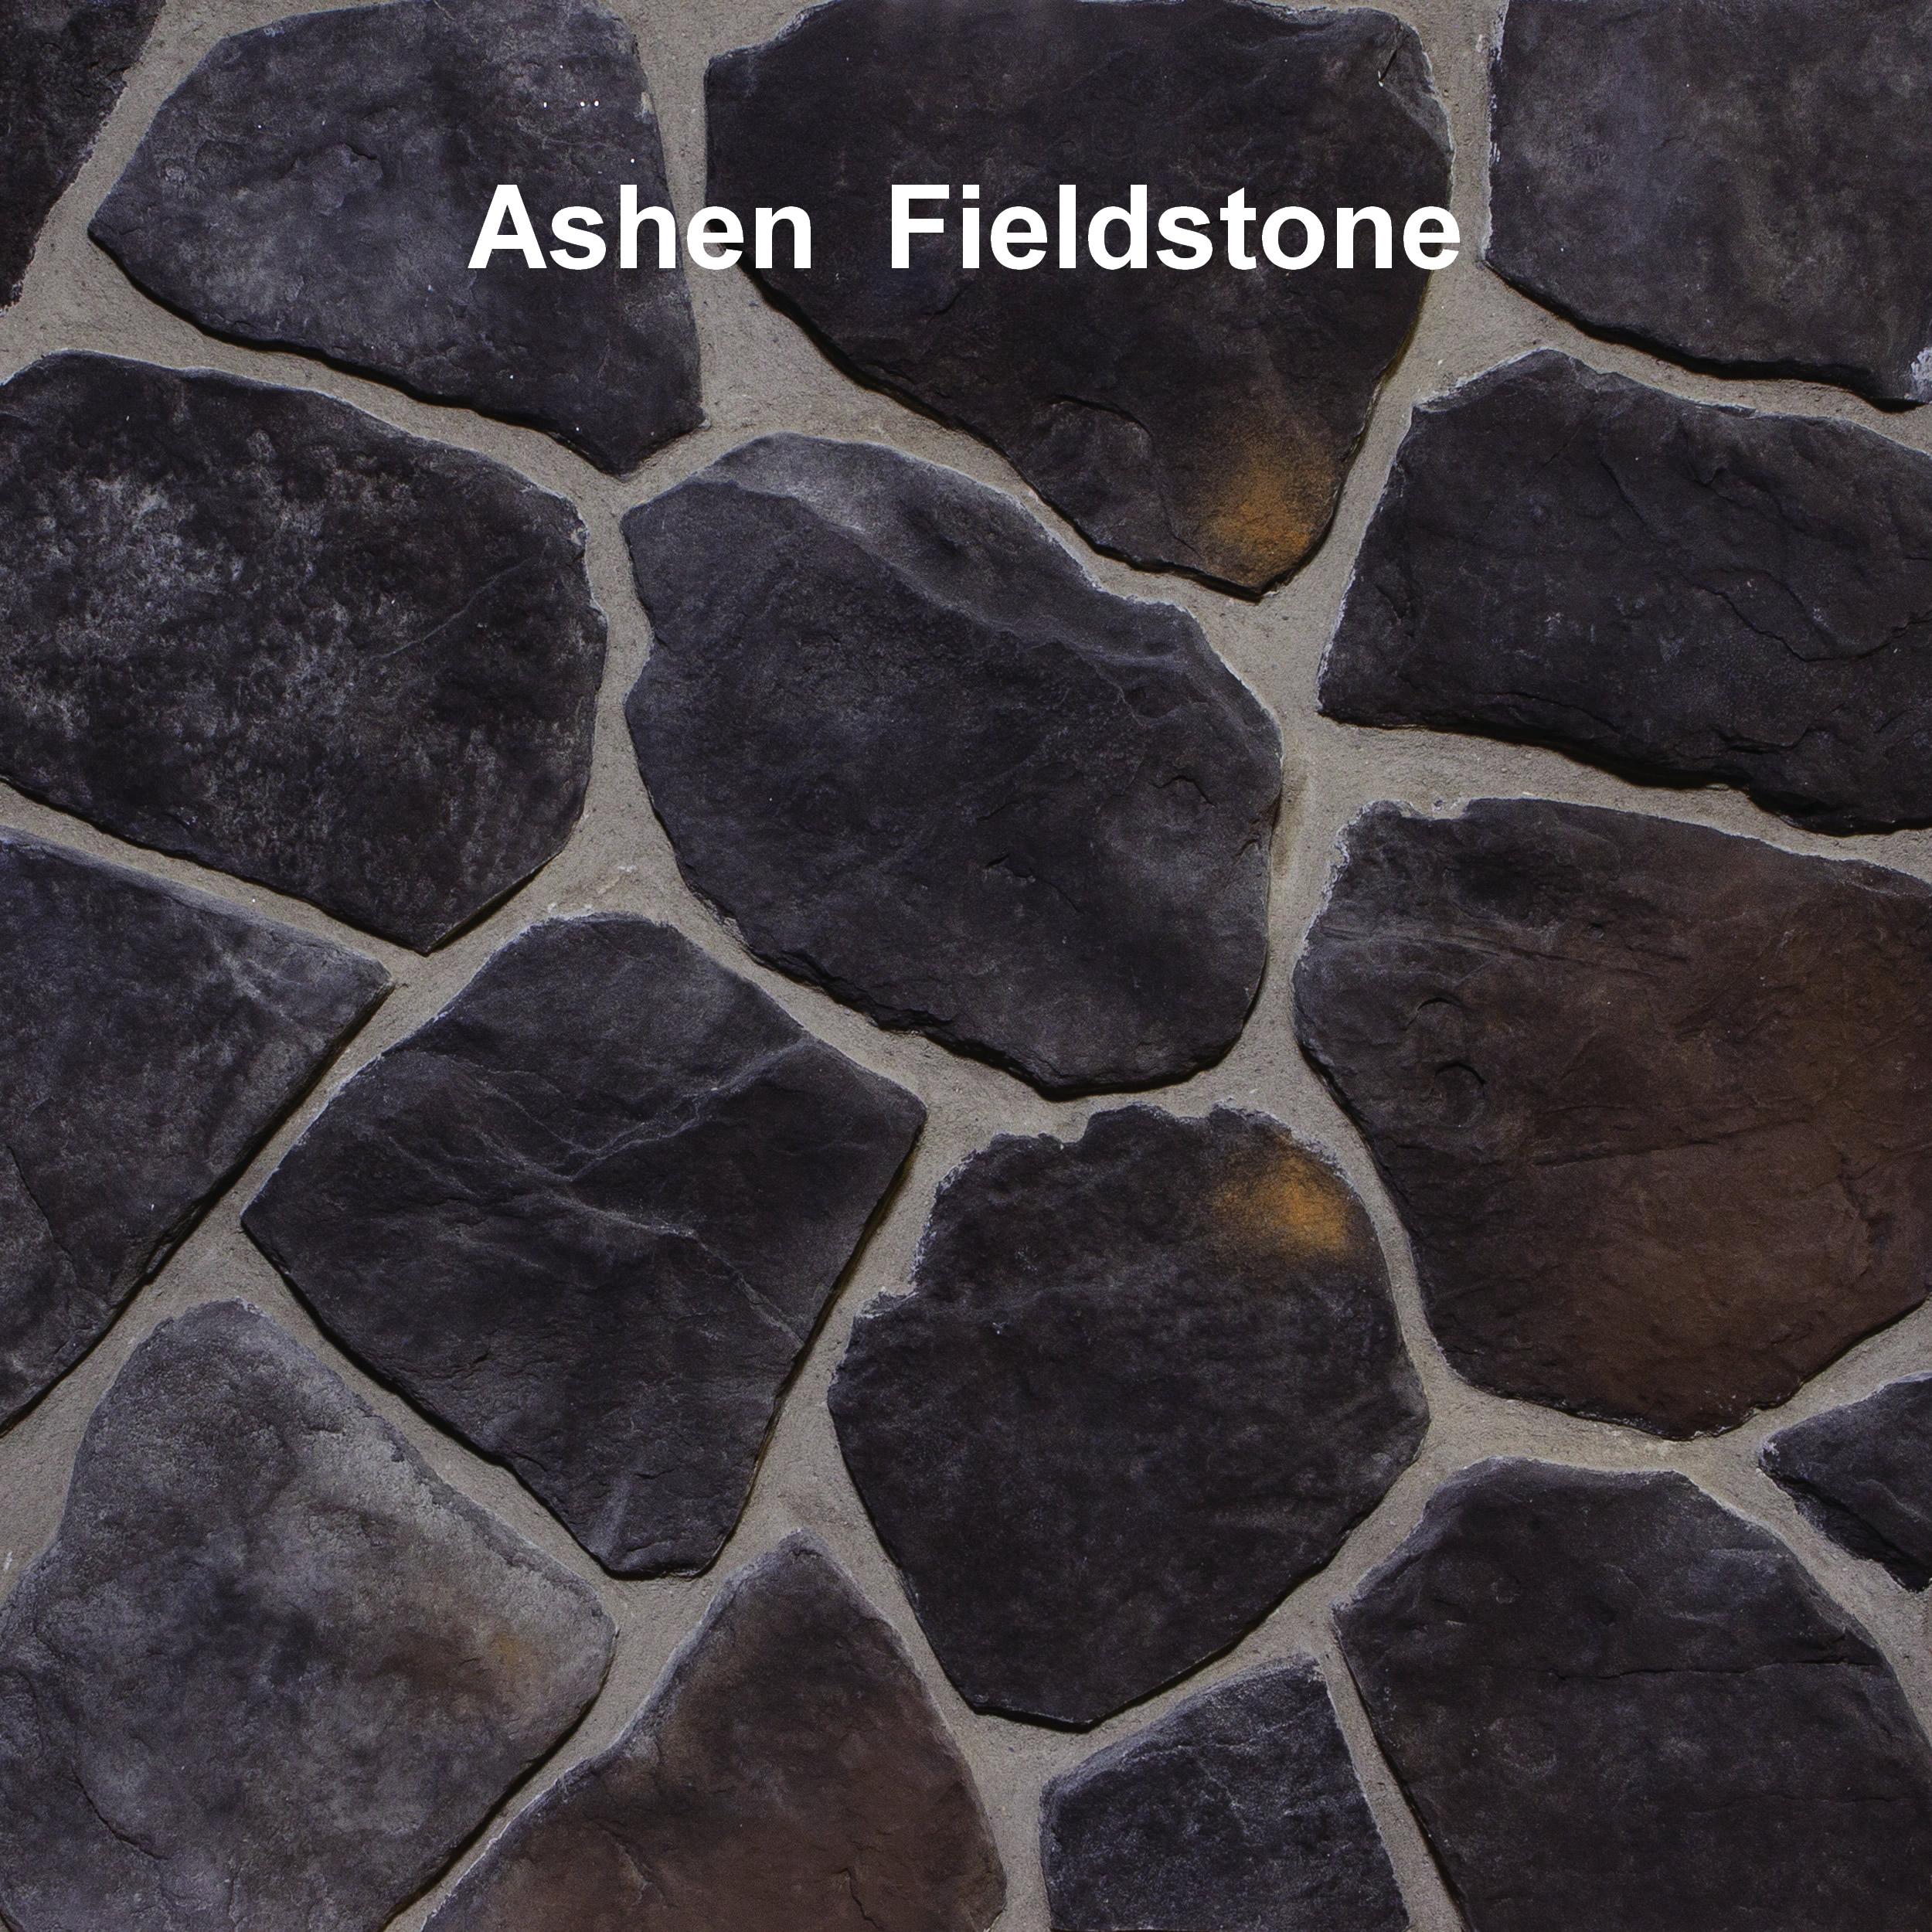 DQ_Fieldstone_Ashen_Profile.jpg